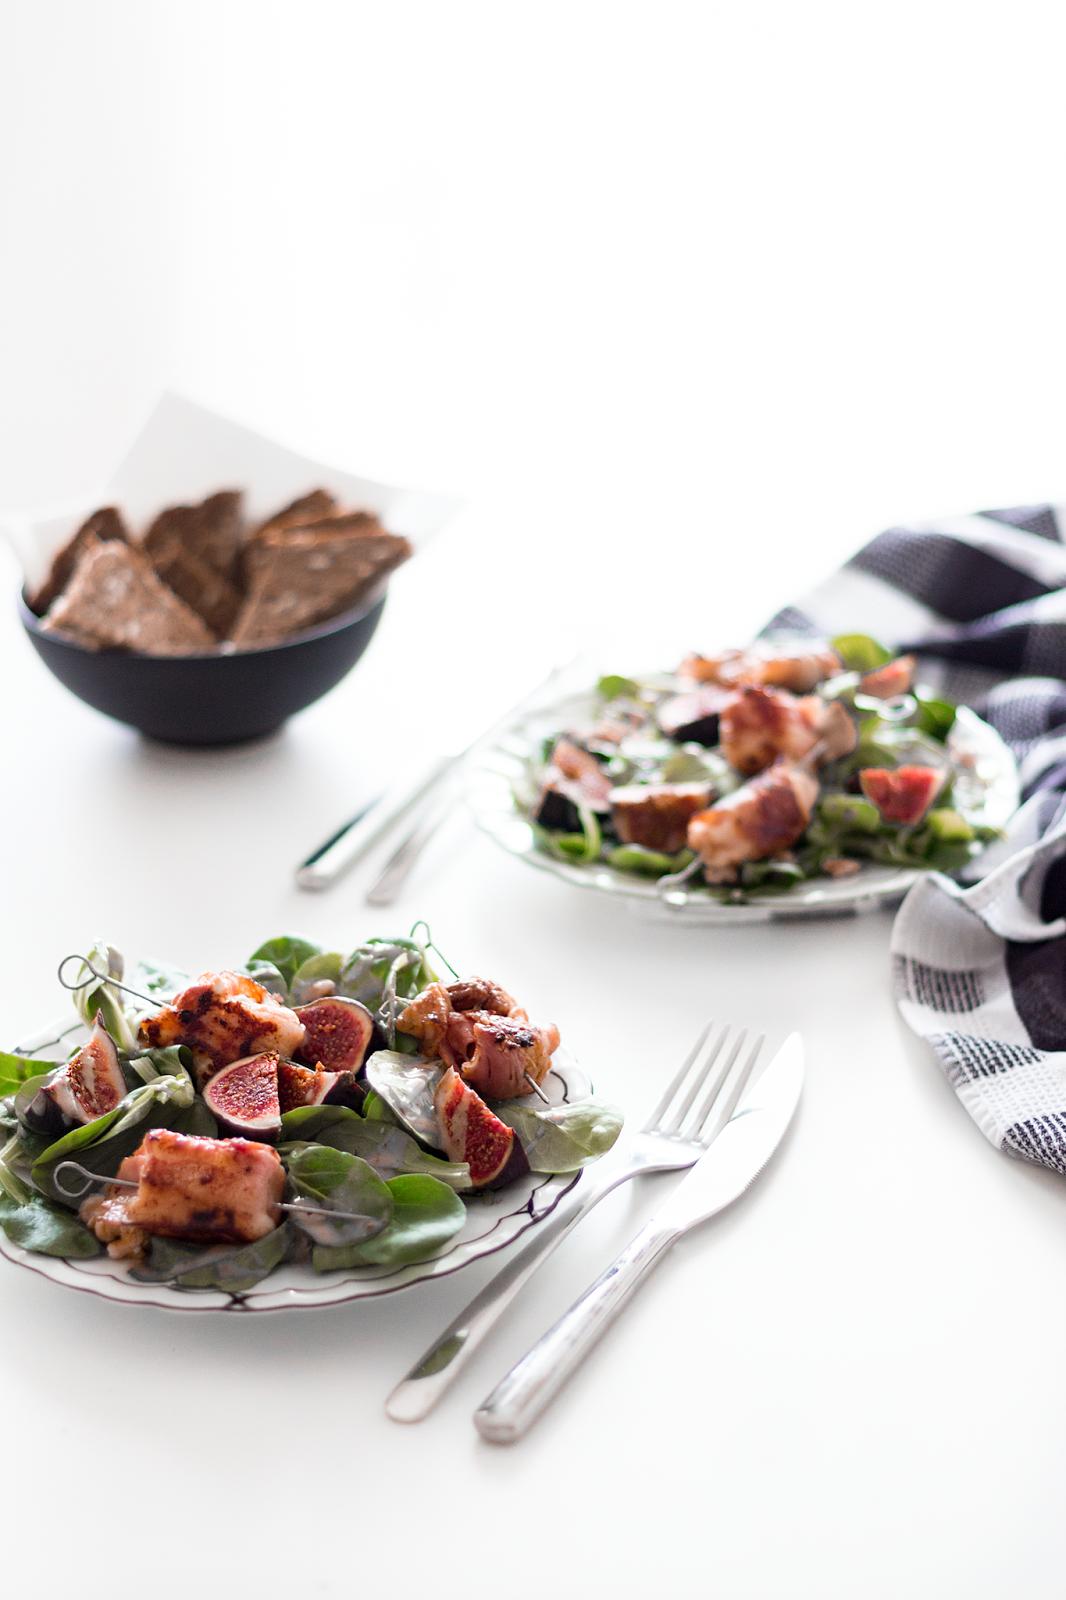 Rezept | Herbstlicher Salat mit Feige, Maronen und Ziegenkäse im Speckmantel | www.sparklyinspiration.com